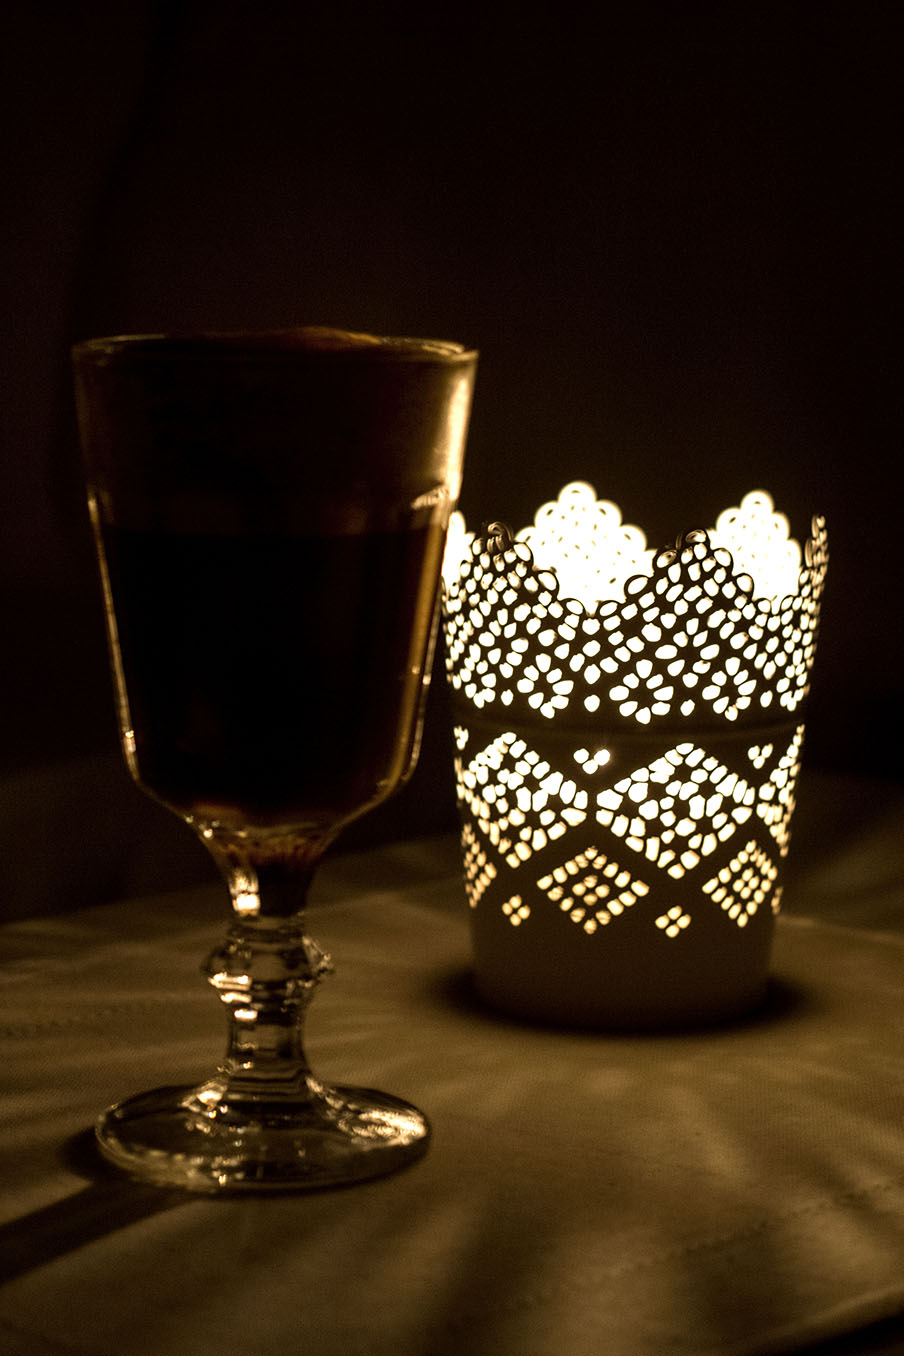 Grzane ciemne piwo (porter) z koglem moglem